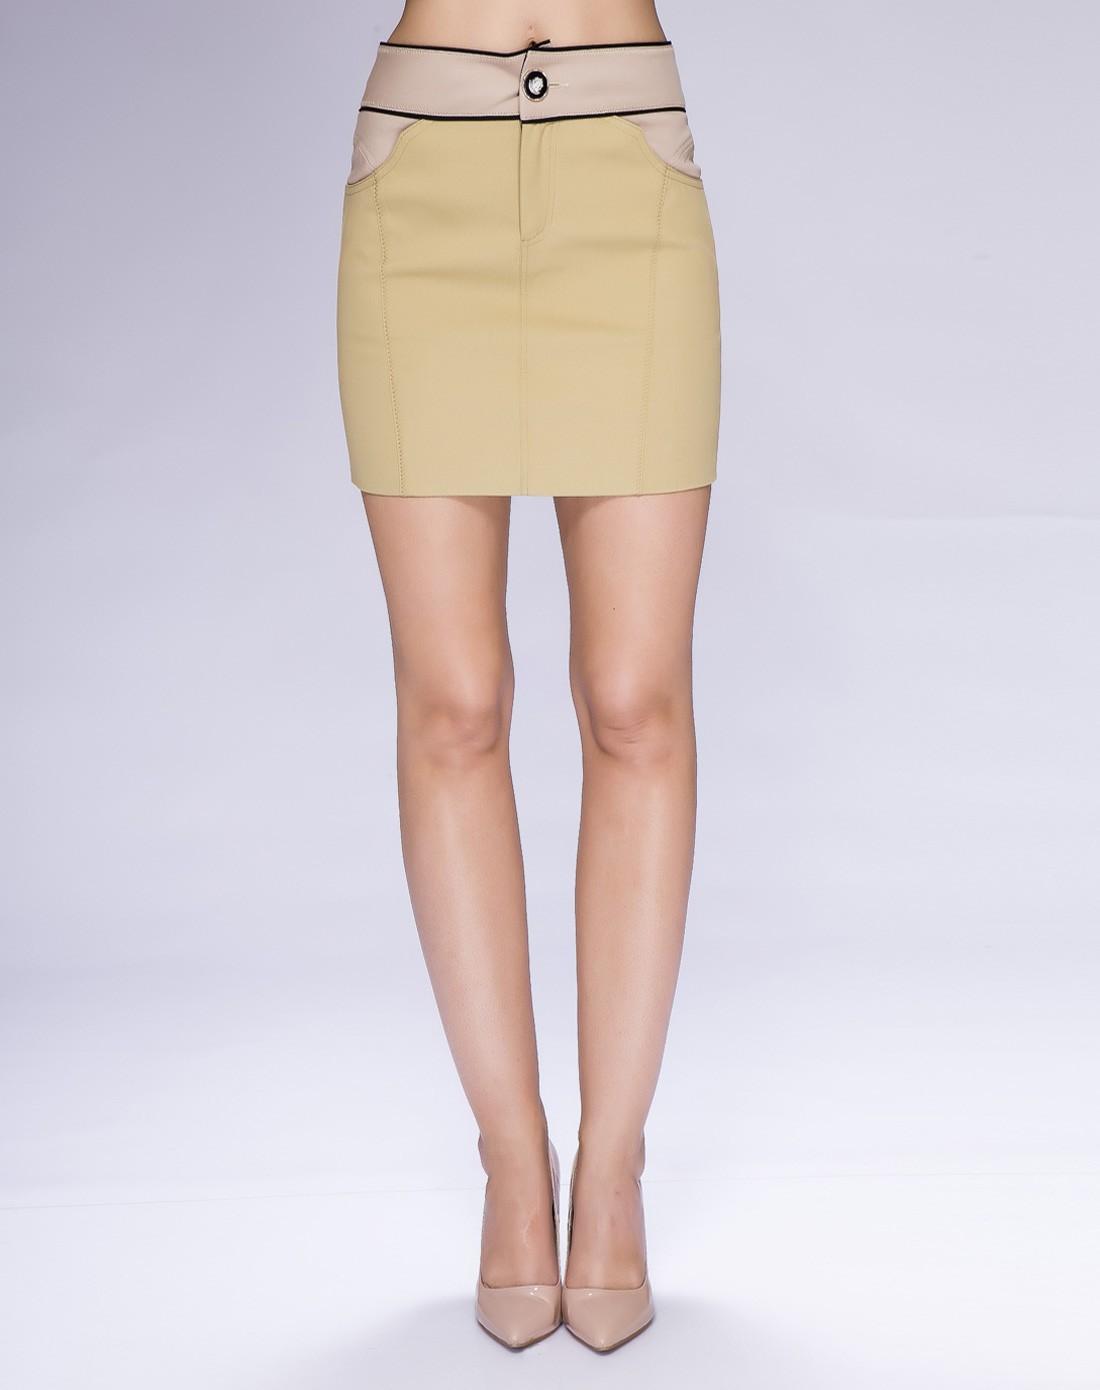 女装浅黄色独特分割线设计修身裙子